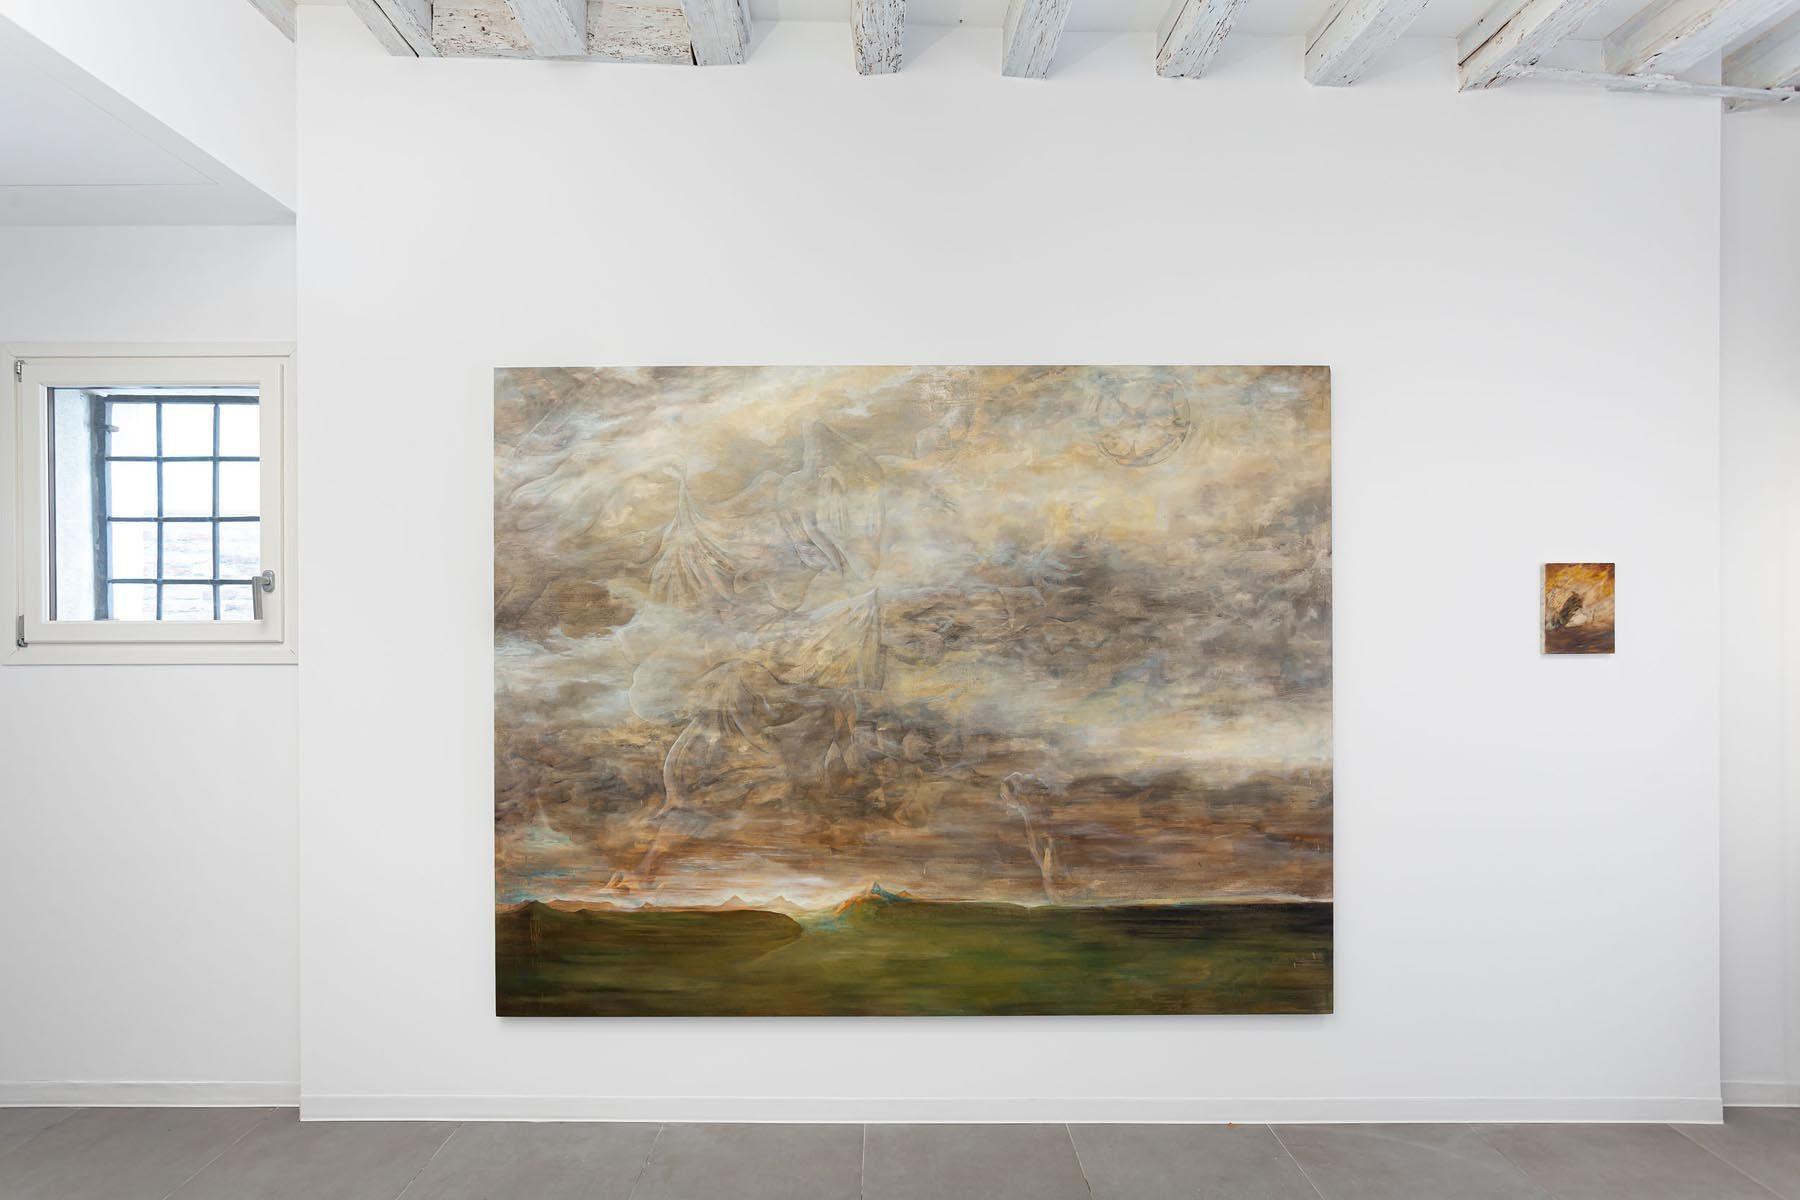 Lo sguardo di Giano, installation view, 2020, Marignana Arte, Venice, ph. S. Longhi